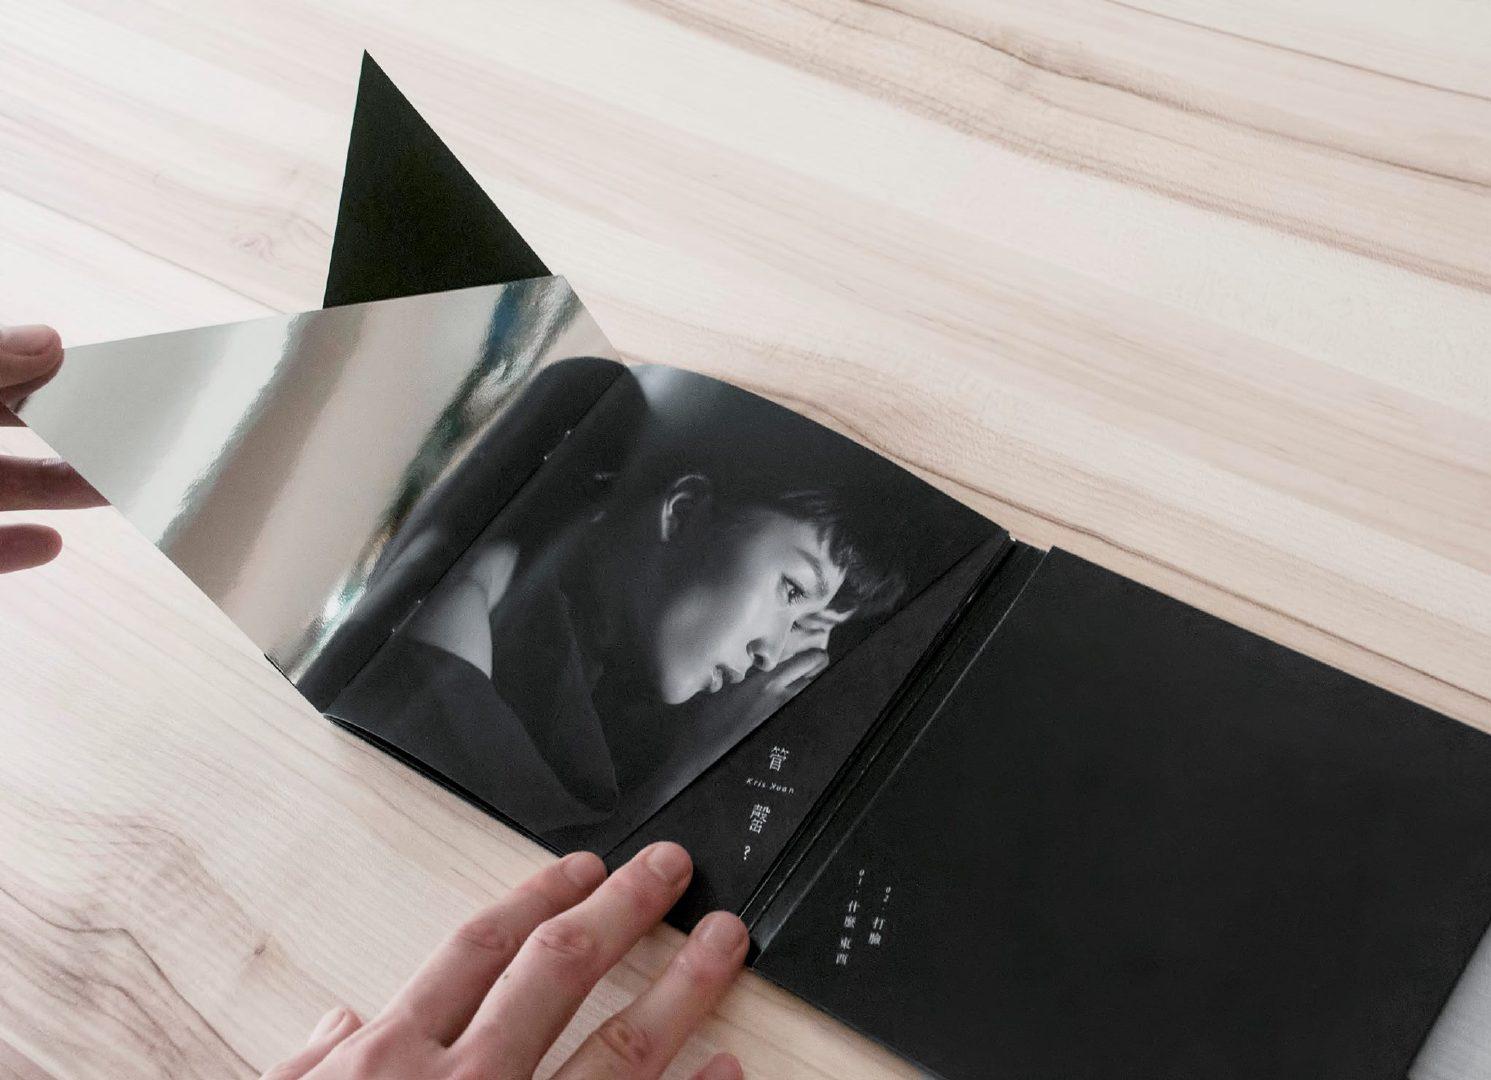 知名设计师颜伯骏作品分享